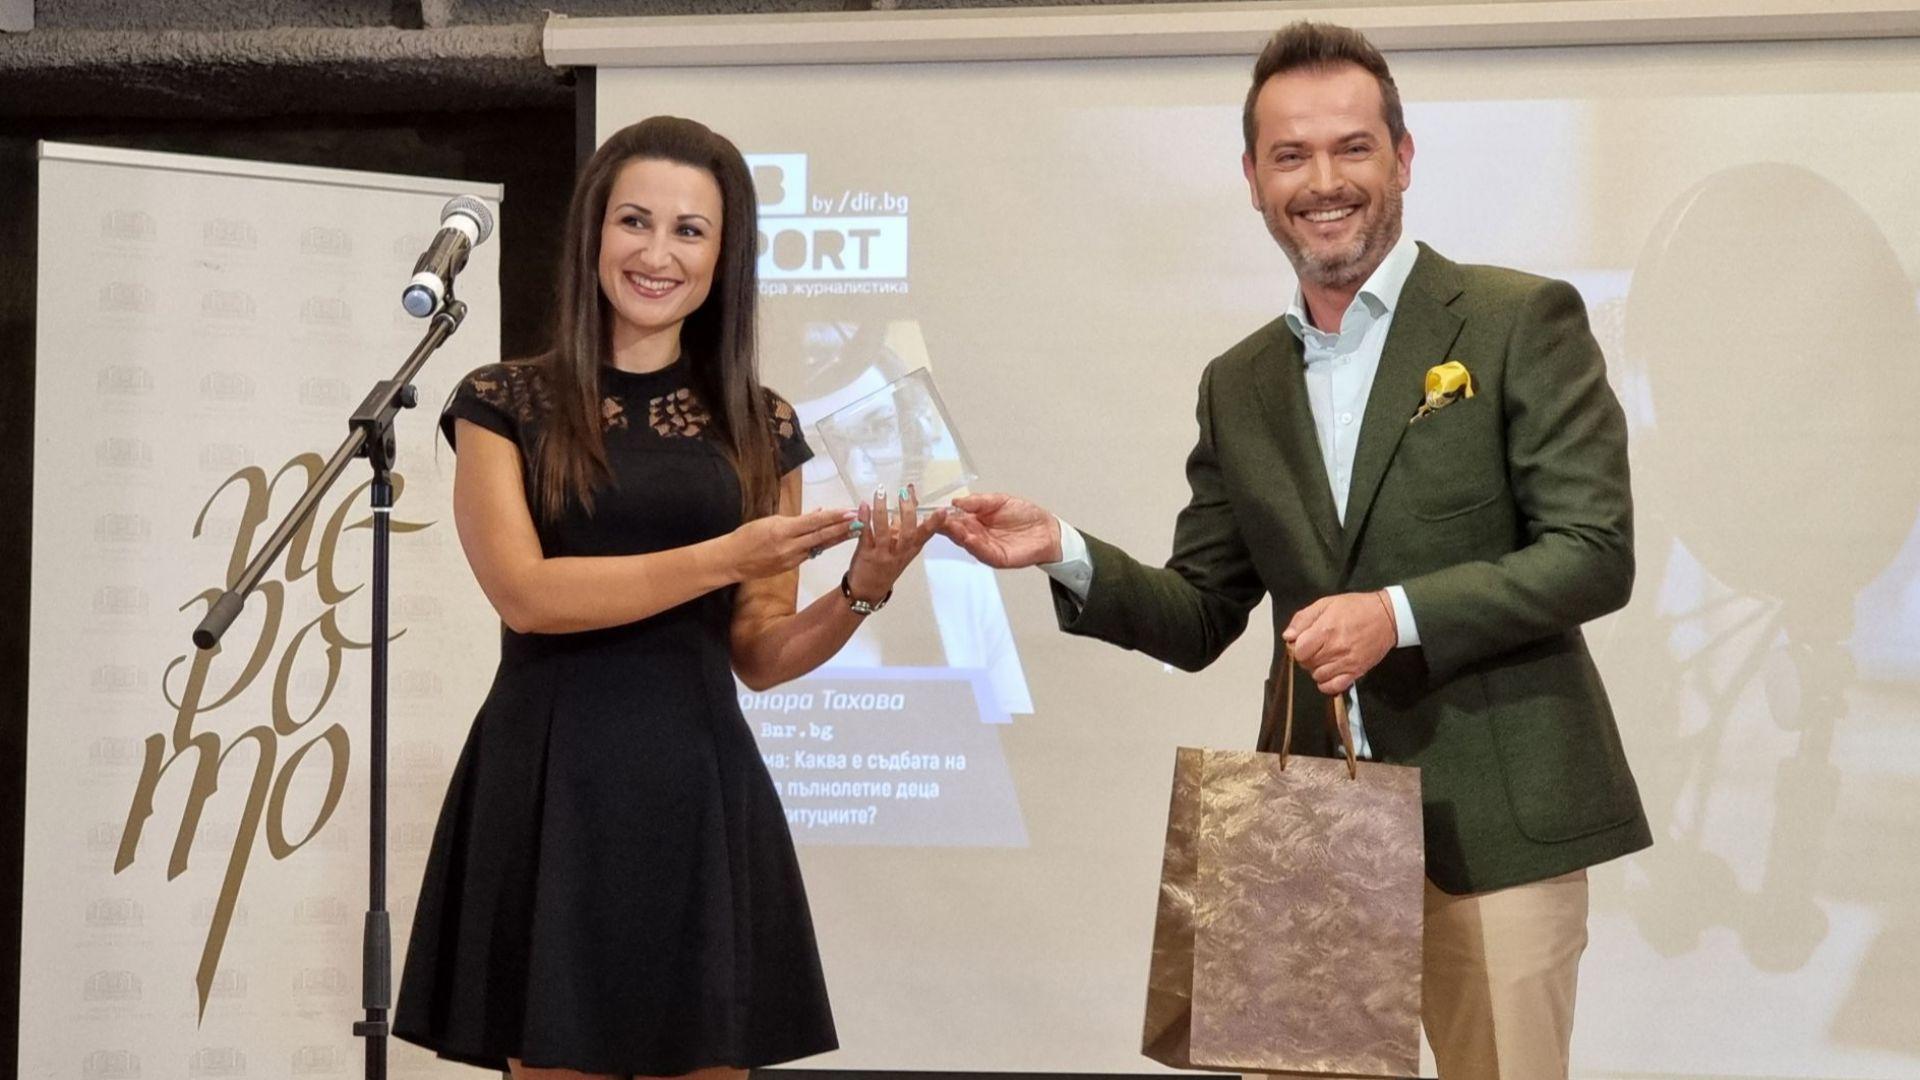 Радиоводещият Михаил Дюзев връчи наградата на Елеонора Тахова.